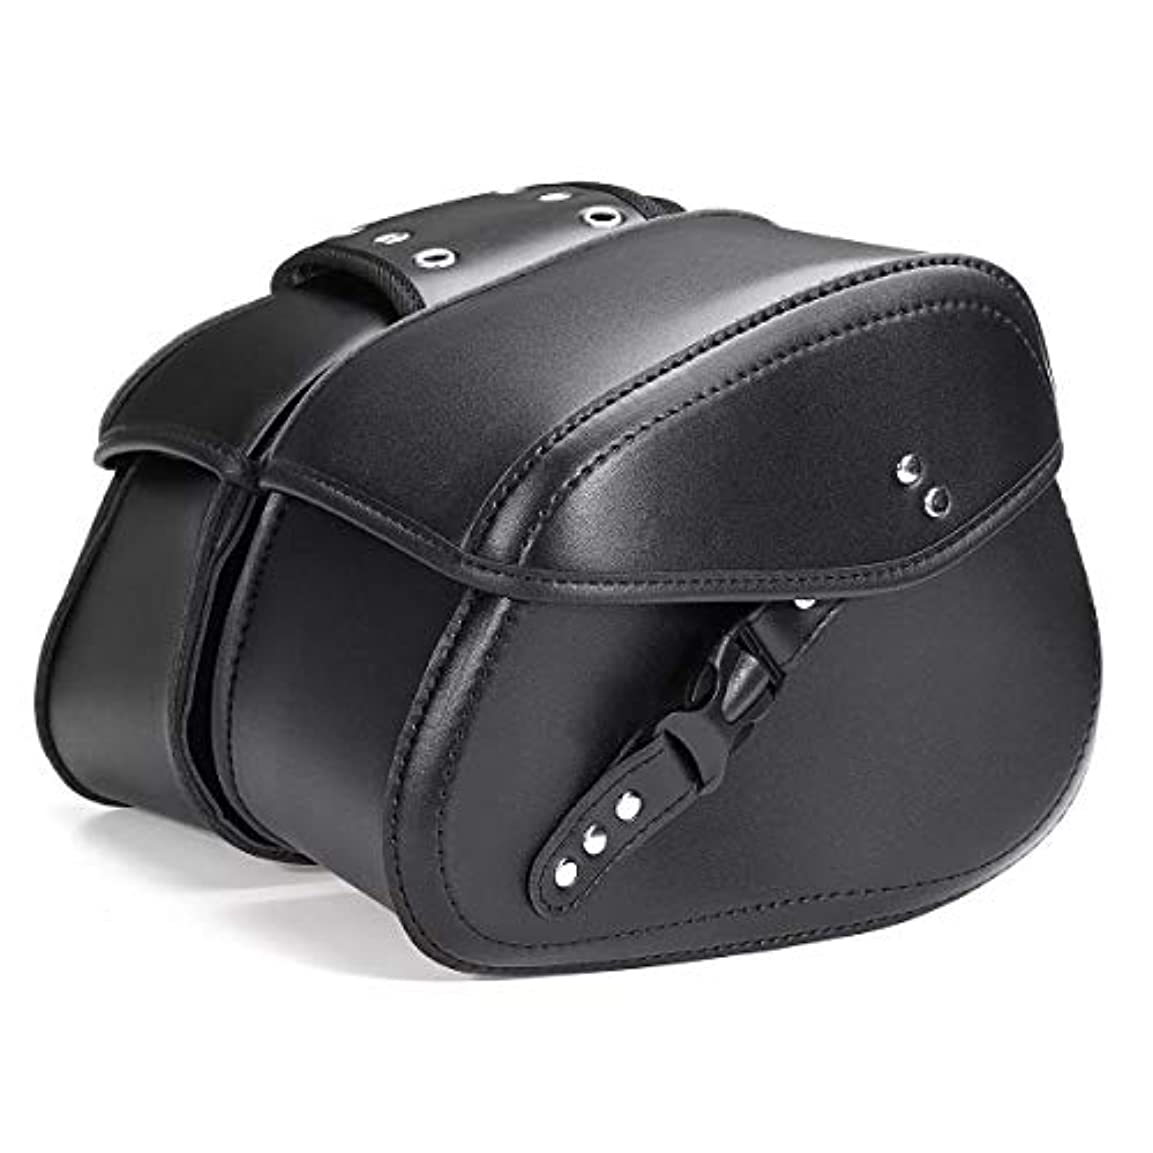 の頭の上オプショナル化合物バイクバッグ?ケース ハーレーのために耐久性のあるユニバーサルオートバイのサドルPUレザースモールサイドストレージツールバッグ ユニバーサルフィット (Color : Black, Size : Free size)